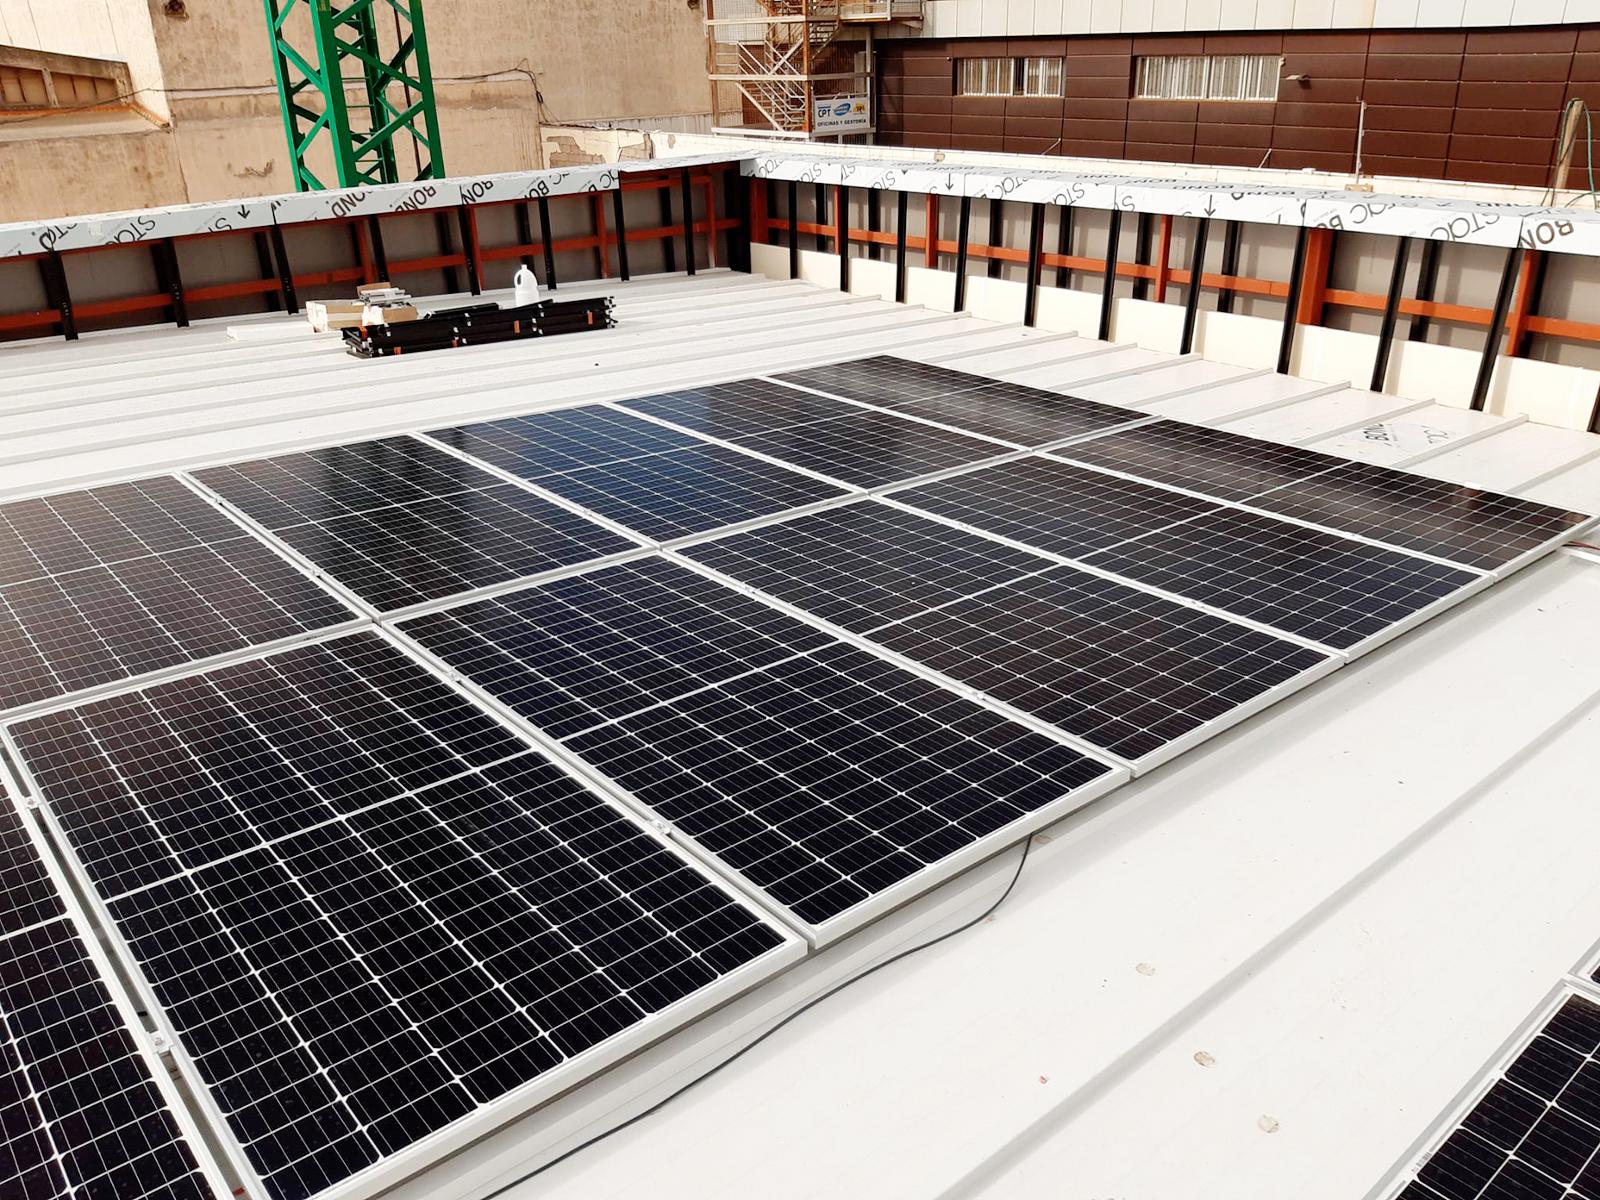 Instalación solar fotovoltaica de 50 kW para autoconsumo de la Estación de Servicio DISA Miller Bajo